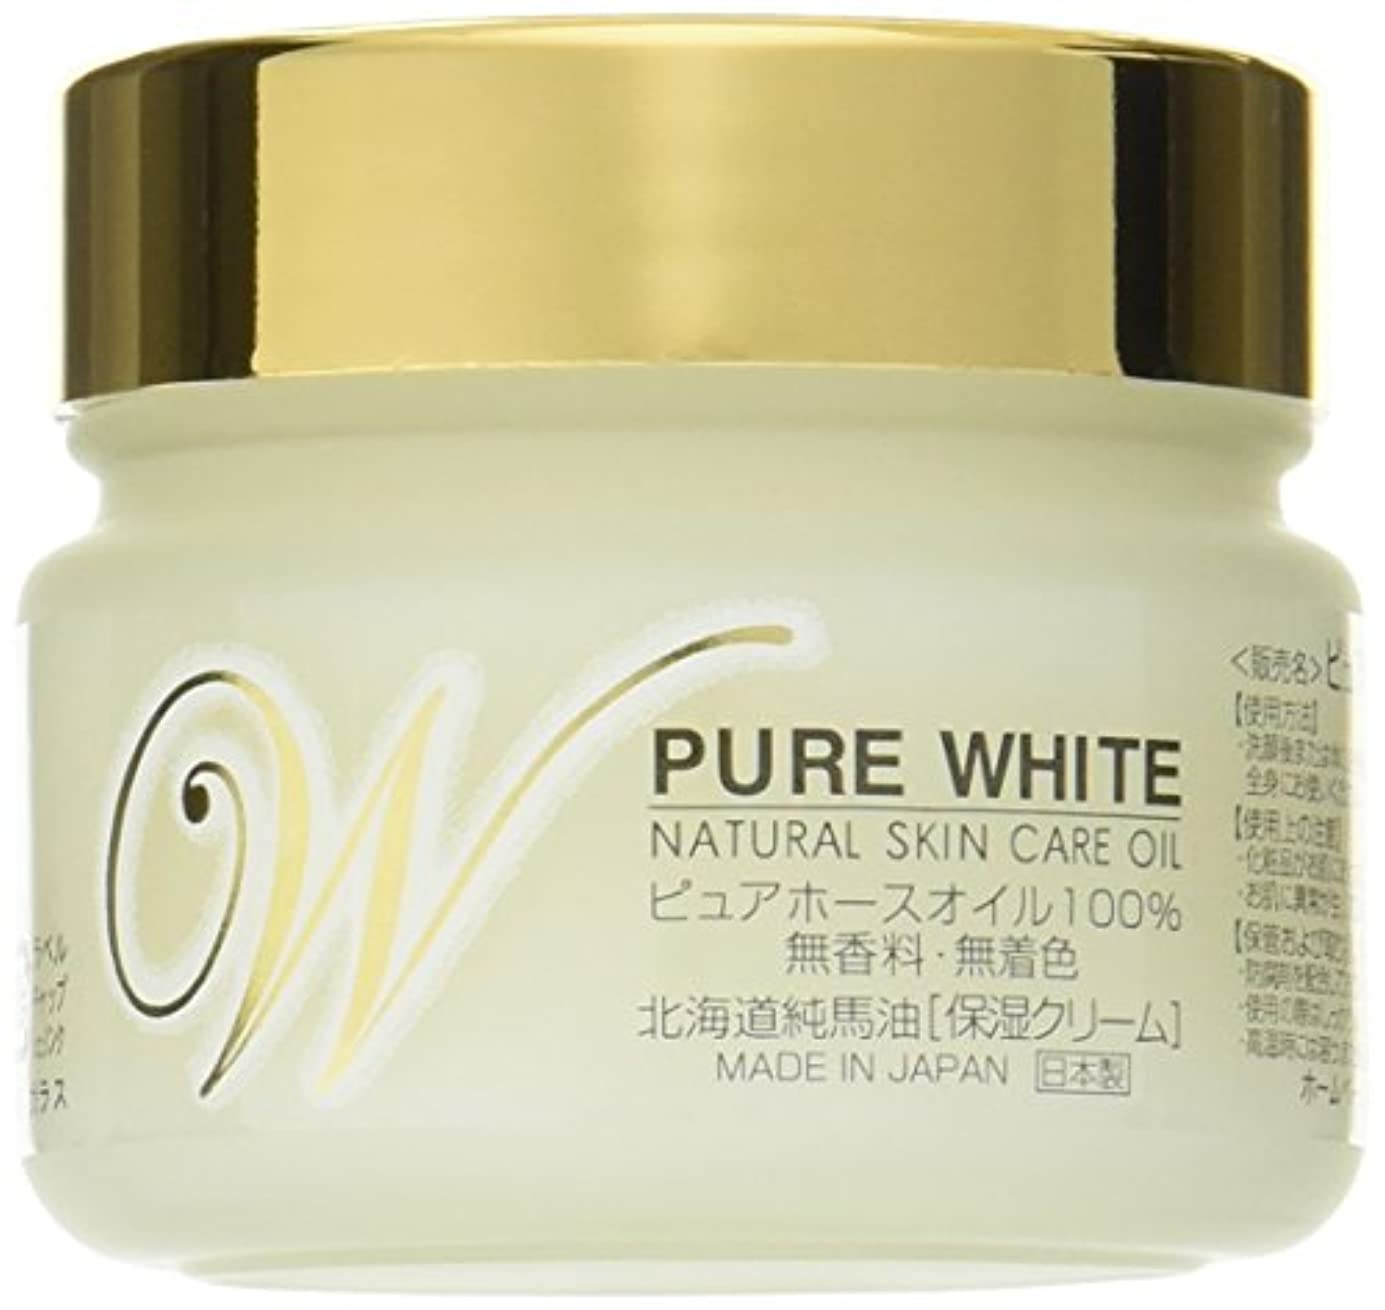 罪悪感熱広告する北海道純馬油本舗 ピュアホワイト ピュアホースオイル100% 保湿クリーム 無香料無着色 100g